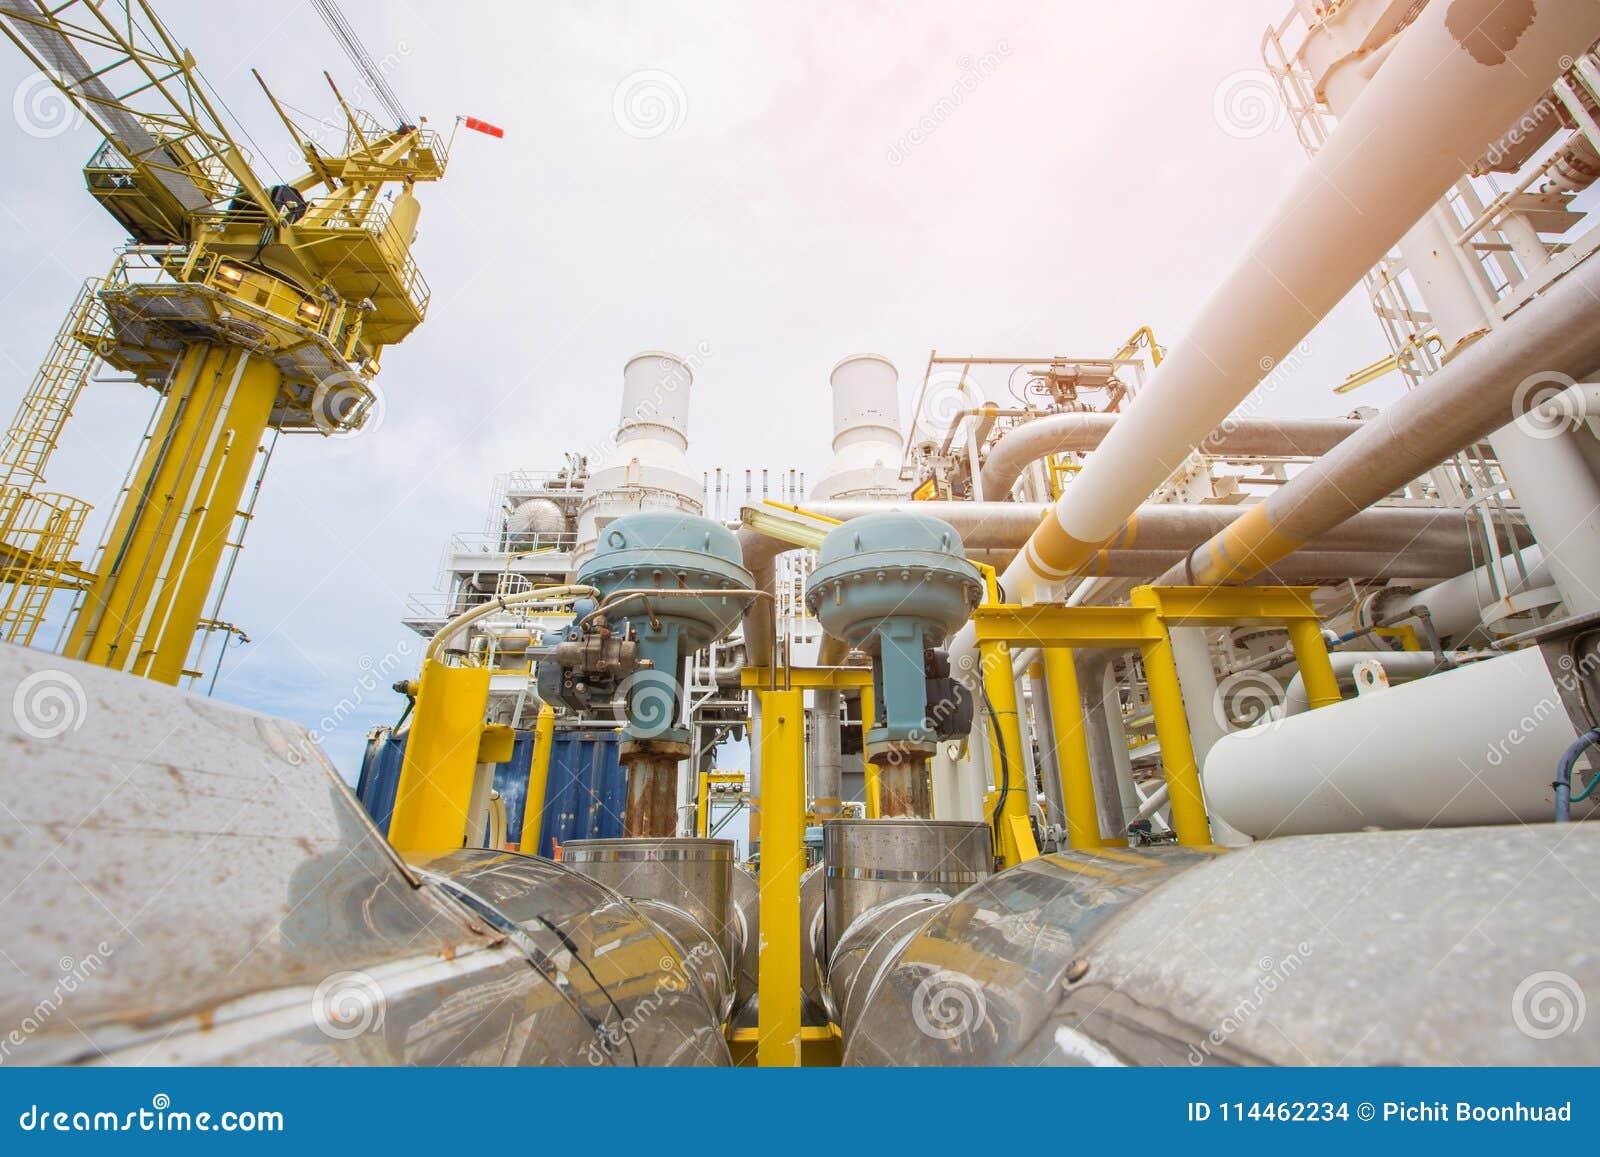 Kuggning som stänger typ av den aktiverade kontrollventilen i central bearbeta plattform för fossila bränslen